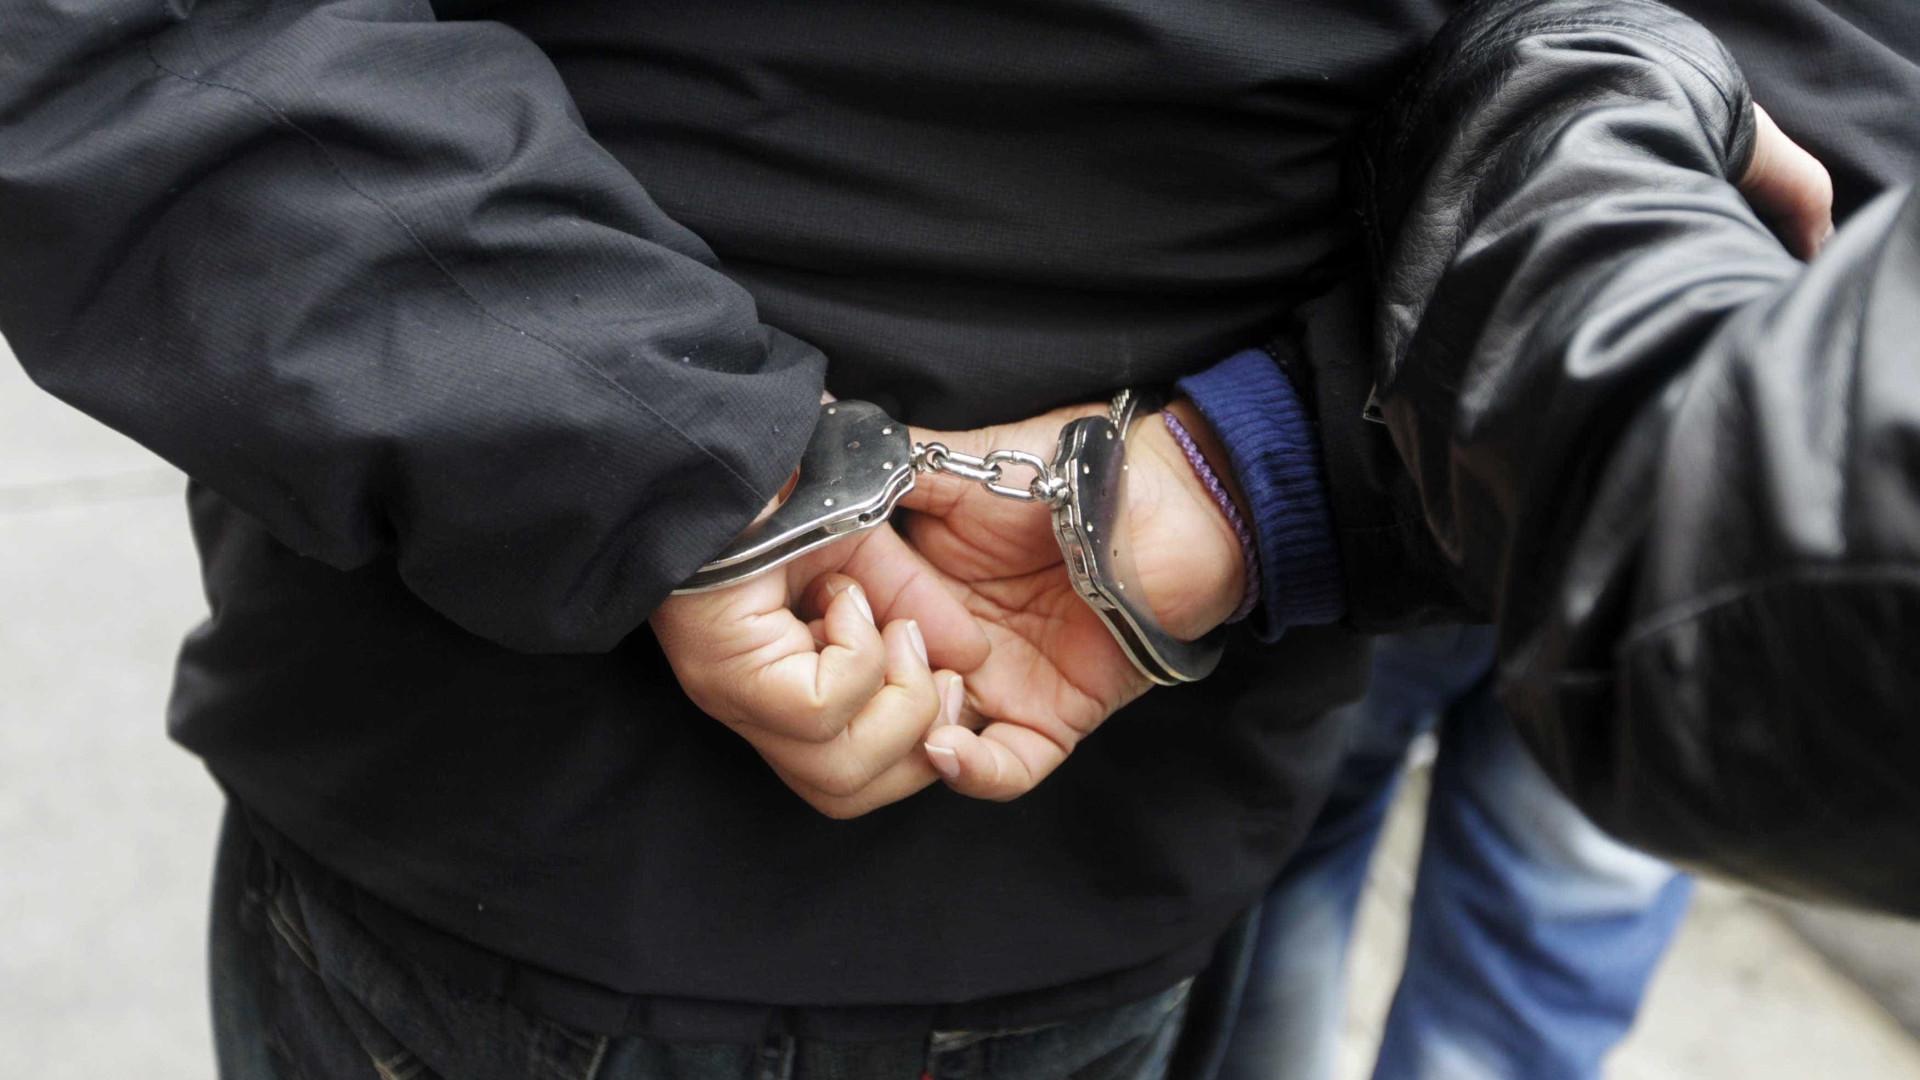 Suspeito de violência doméstica tinha várias armas em casa